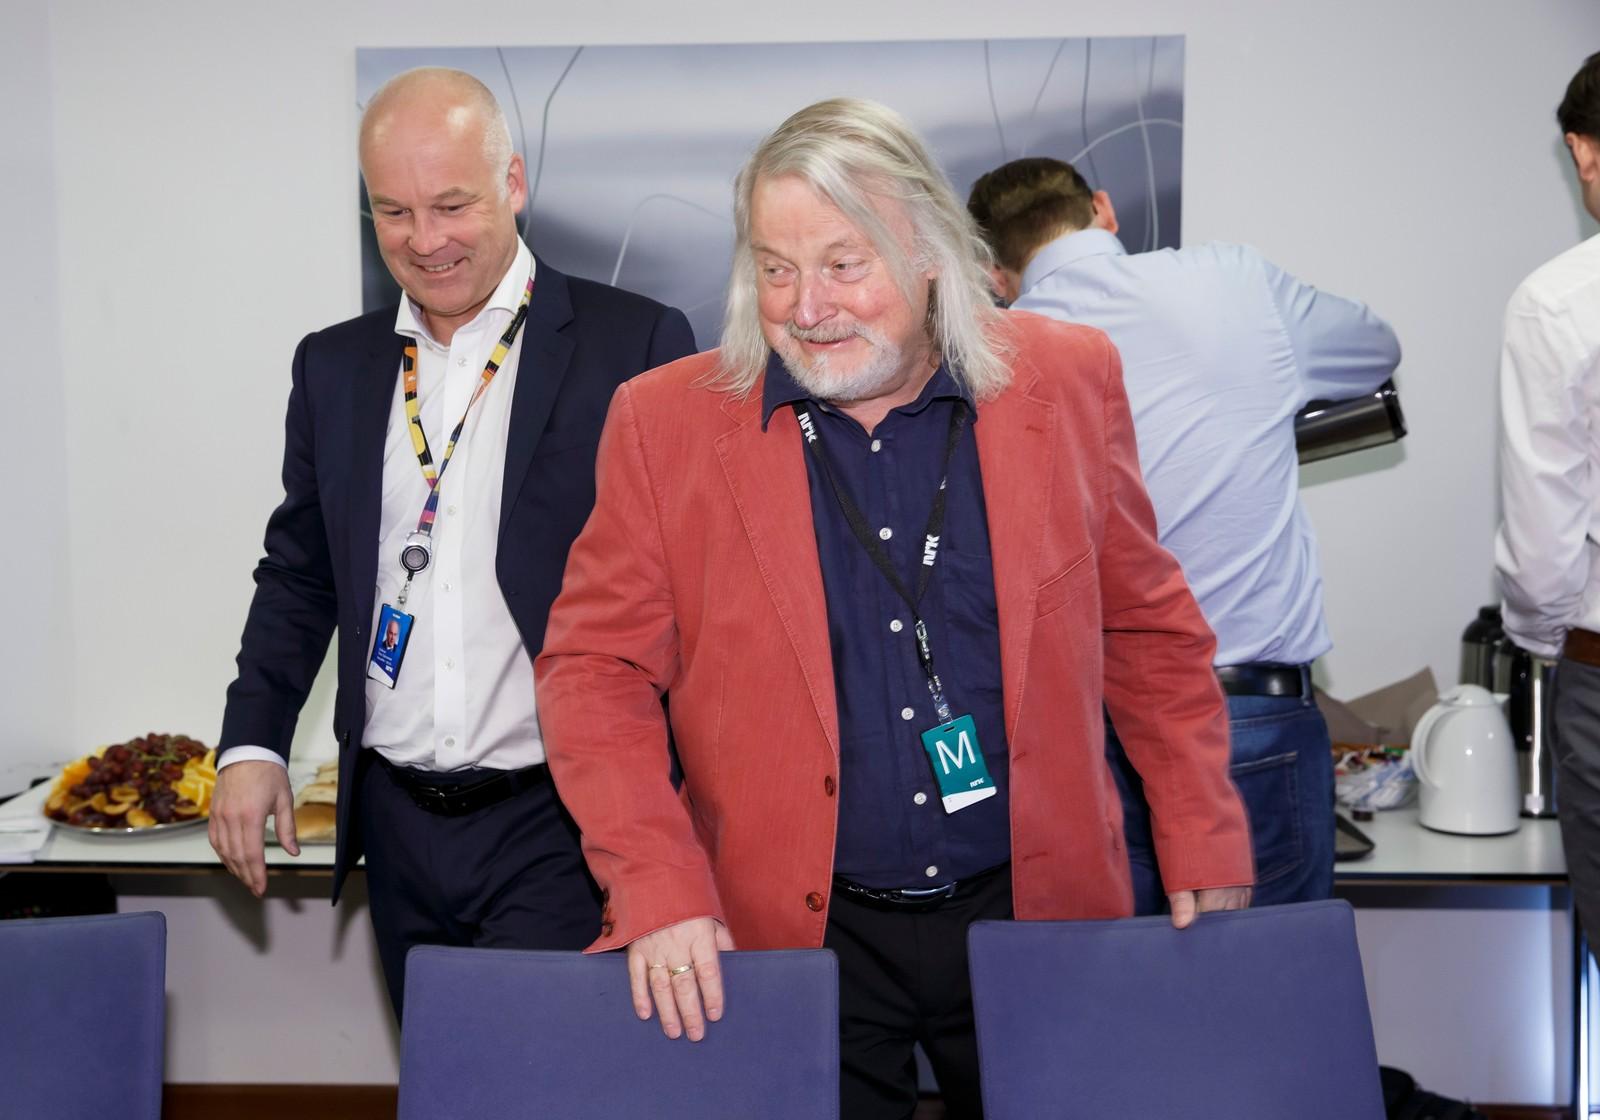 Kringkastingssjef Thor Gjermund Eriksen (tv) og leder av kringkastingsrådet Per Edgar Kokkvold fotografert i 2015.